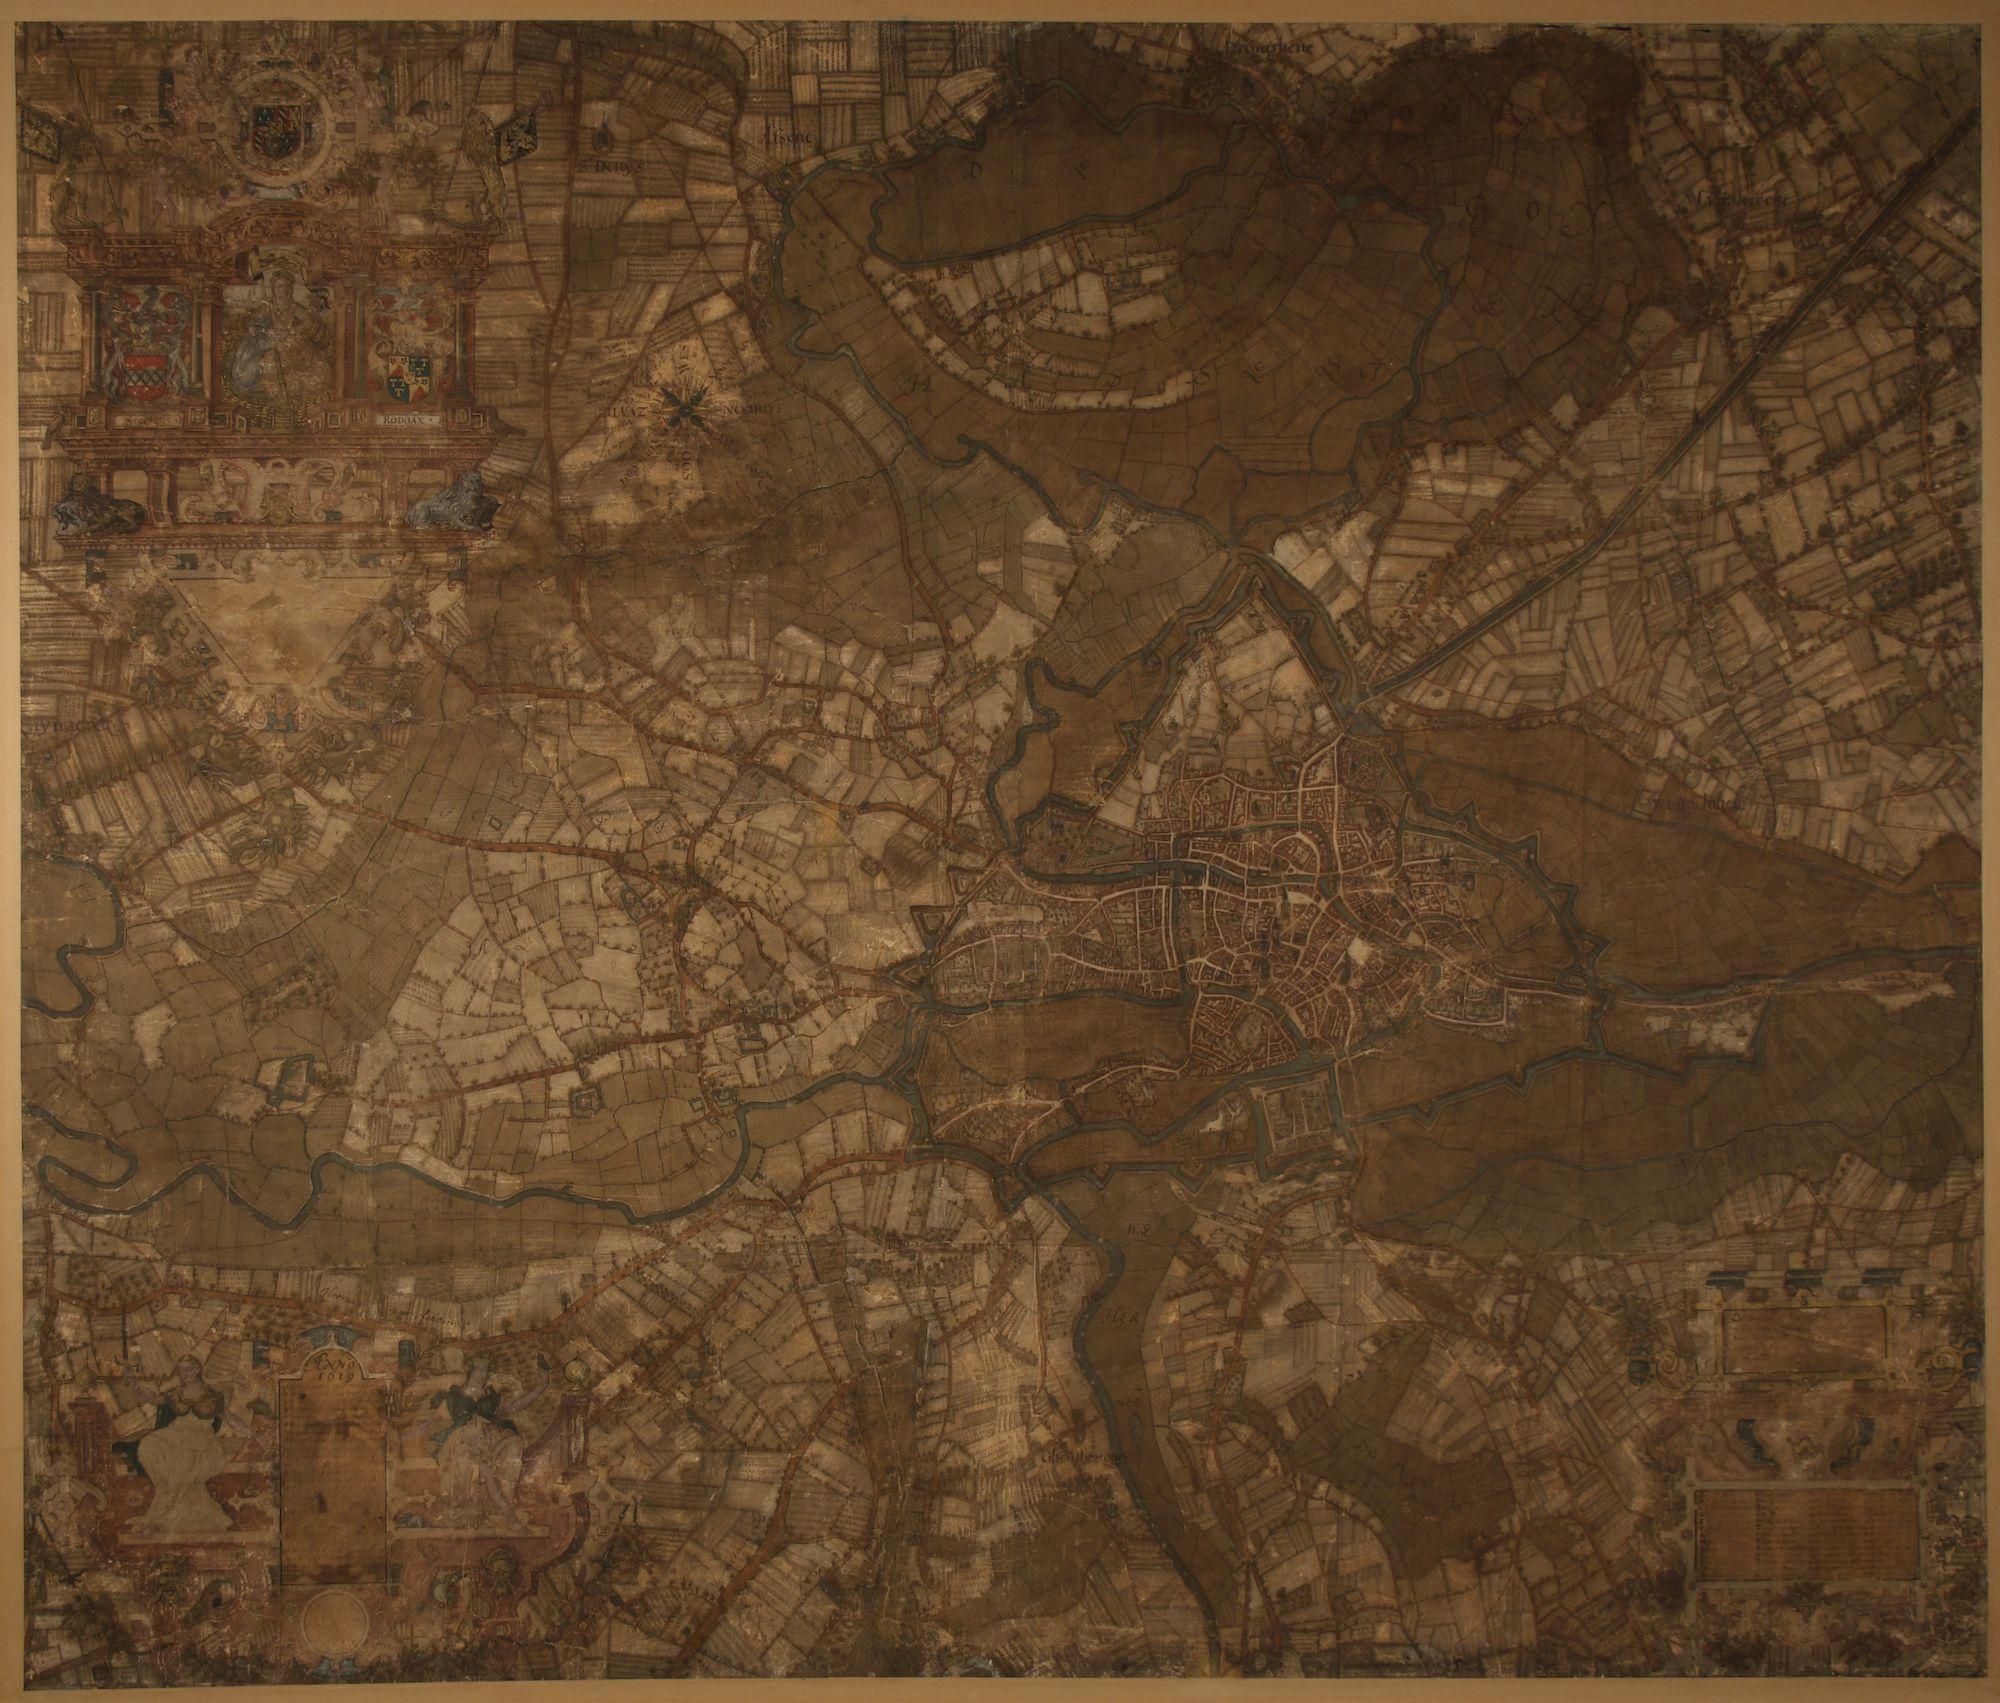 Kaart van het Vrije van Gent, Jacques Horenbault, 1619